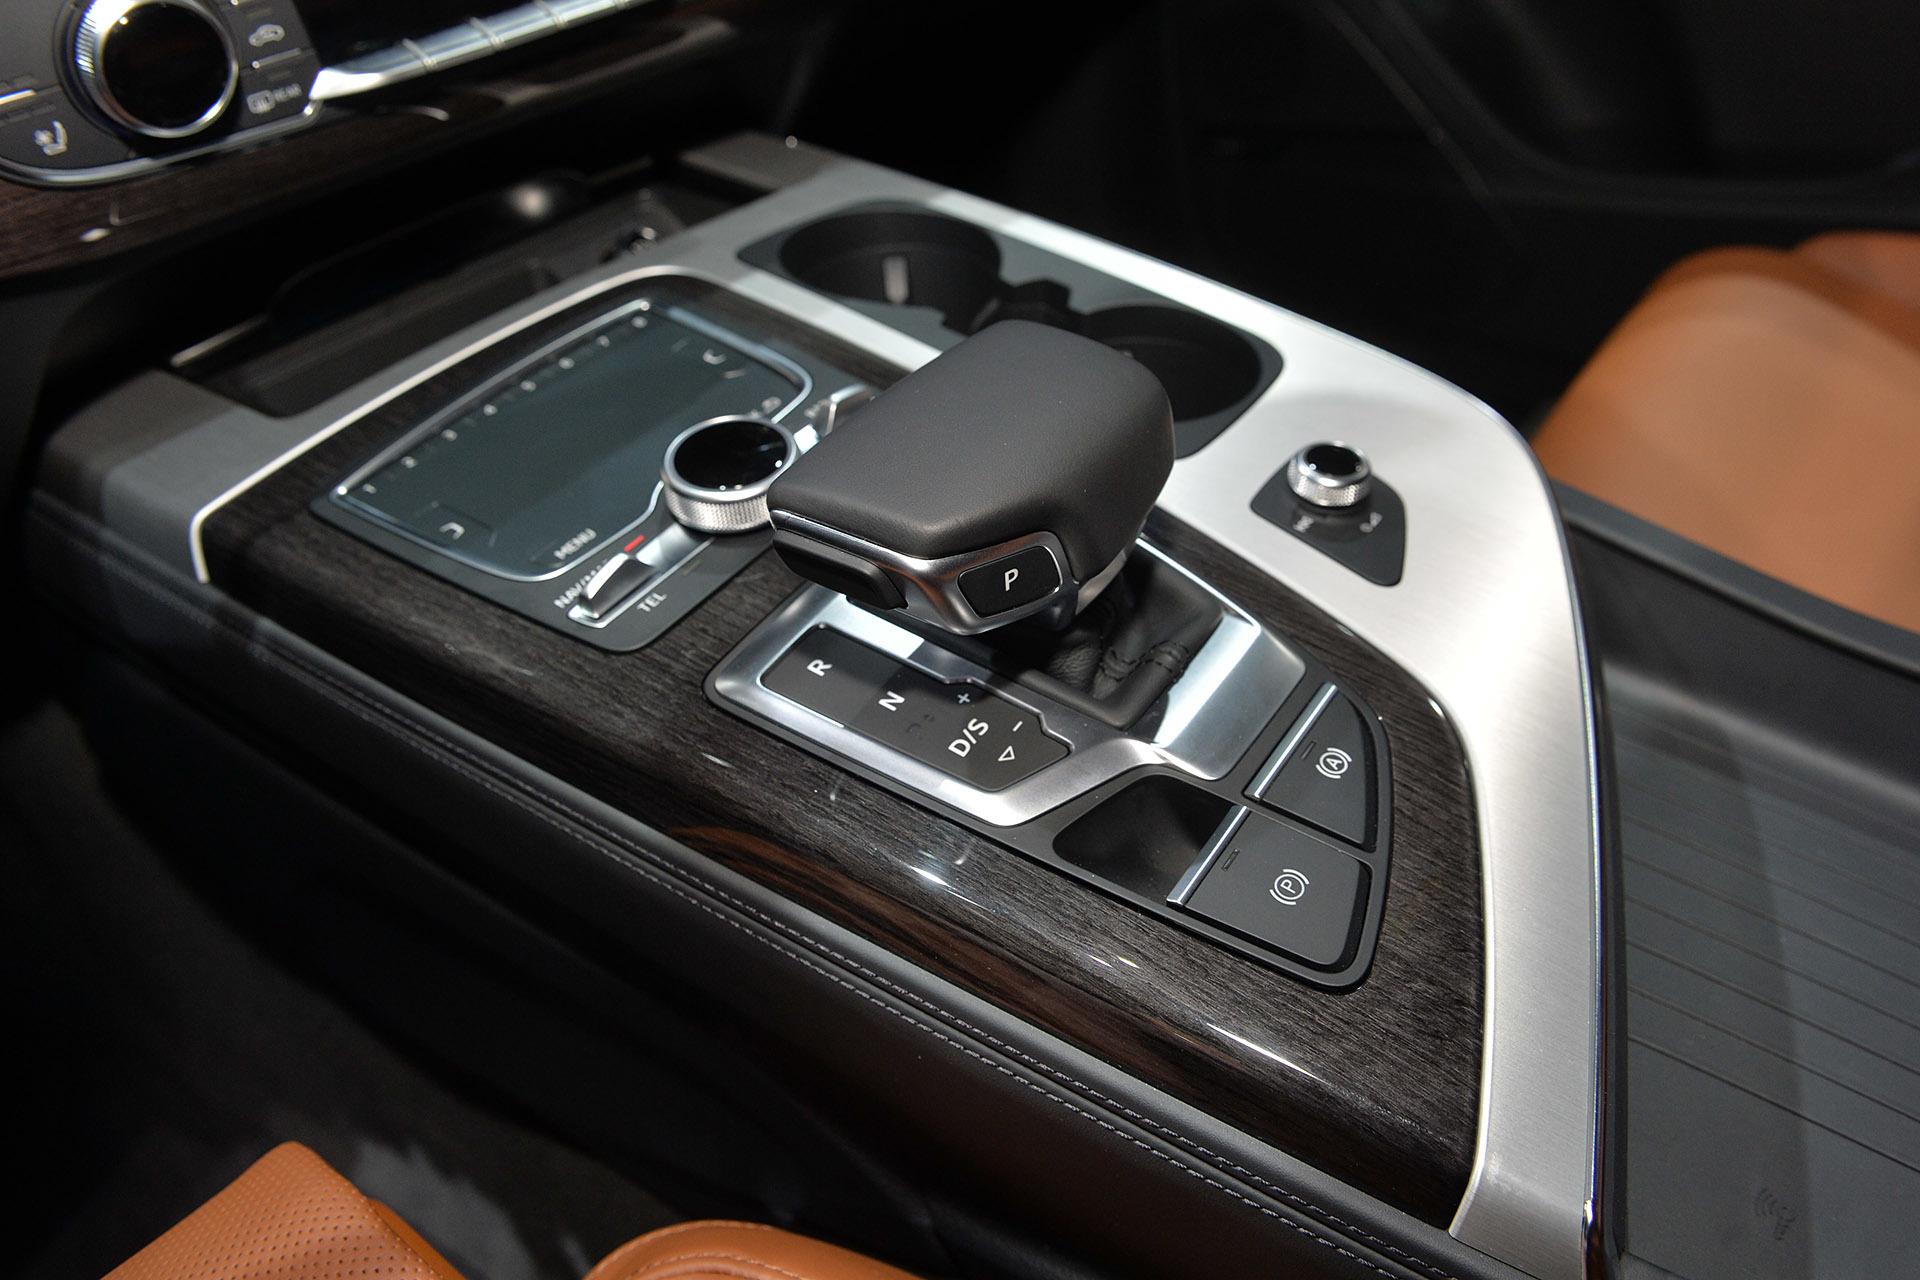 Golf MKVI 1.4 TSI Sport  Suzuki Jimny 1.3 JLX HT